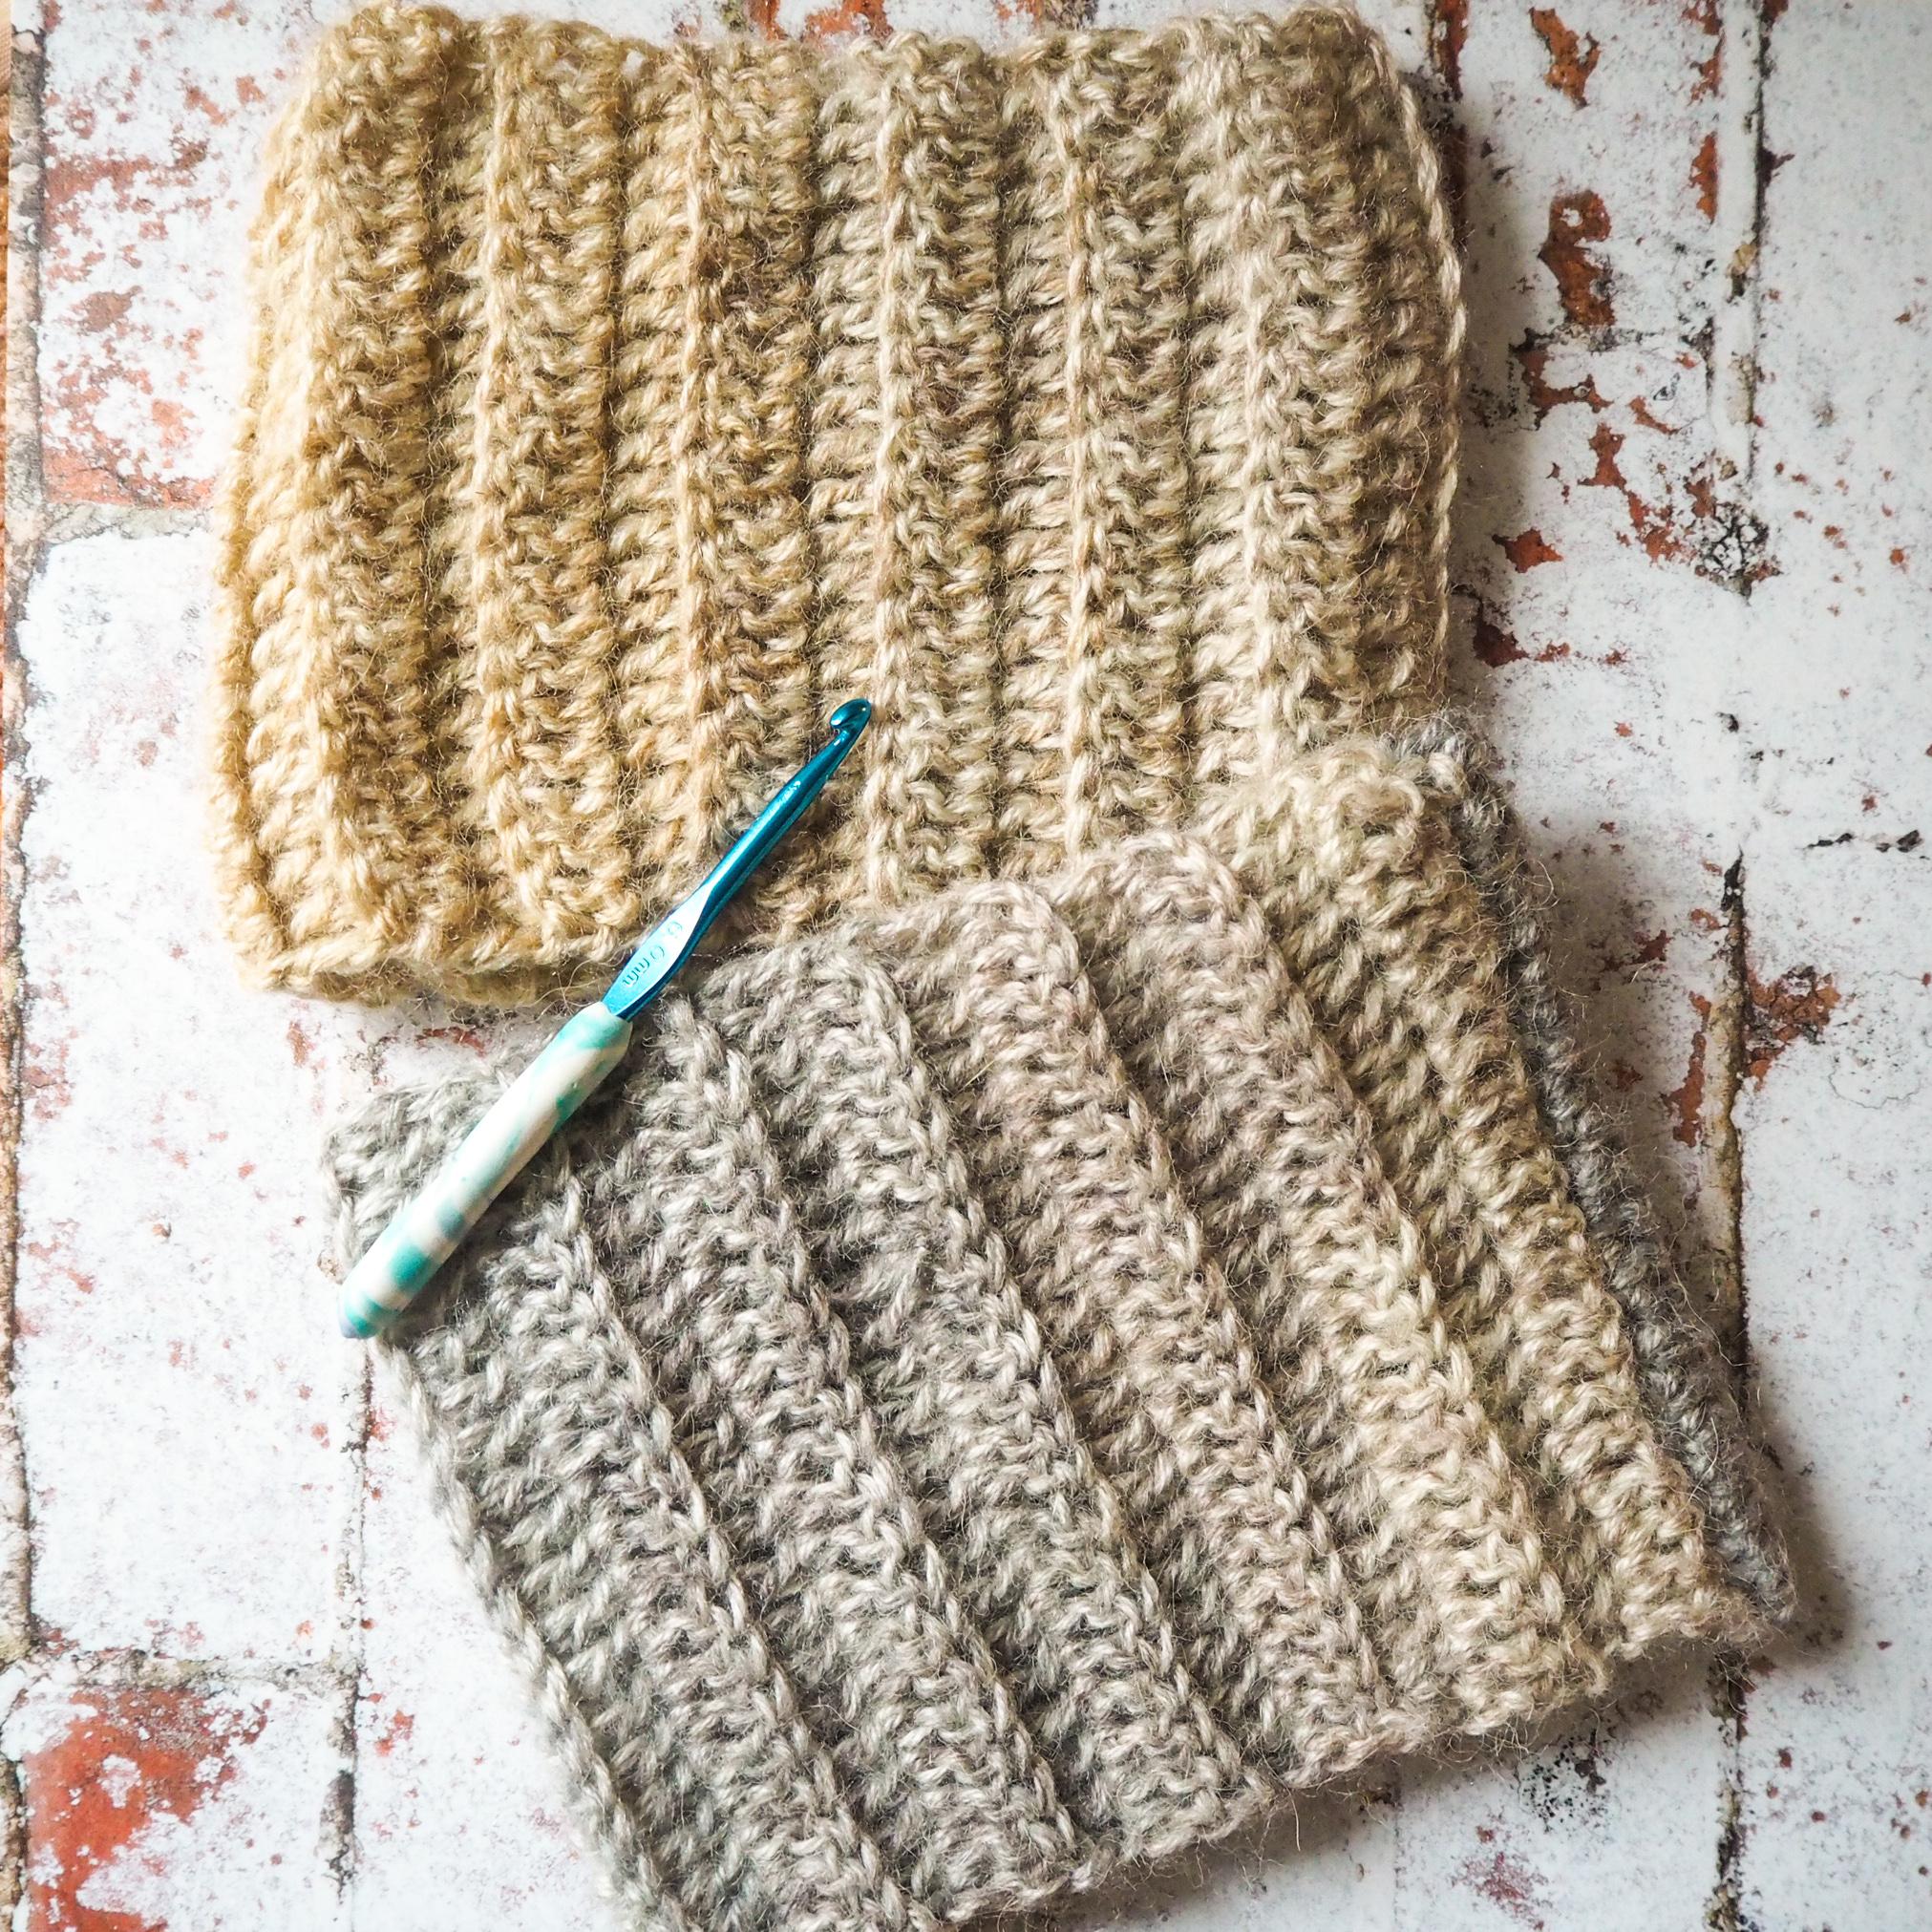 Marbled Crochet Cowl – Free Crochet Pattern